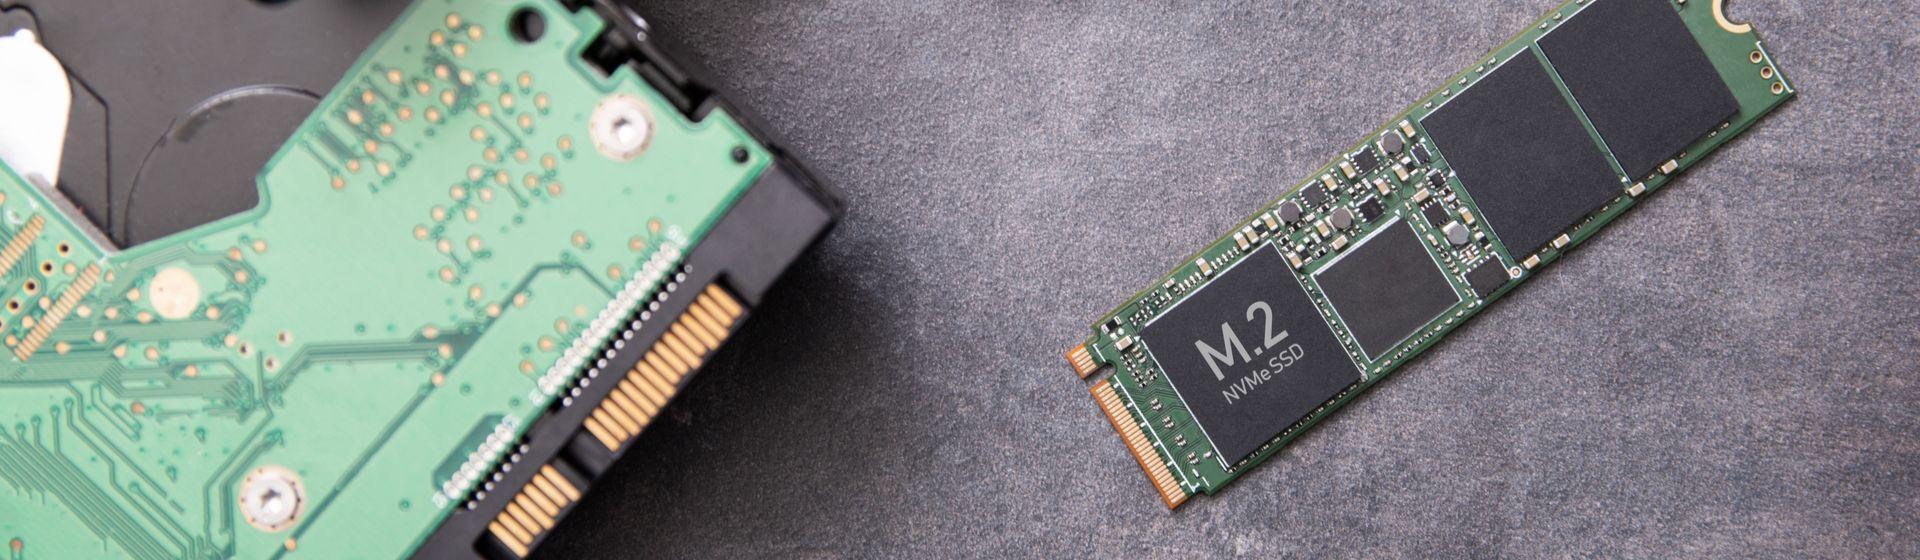 eMMC vs SSD em notebooks: quais são as diferenças?